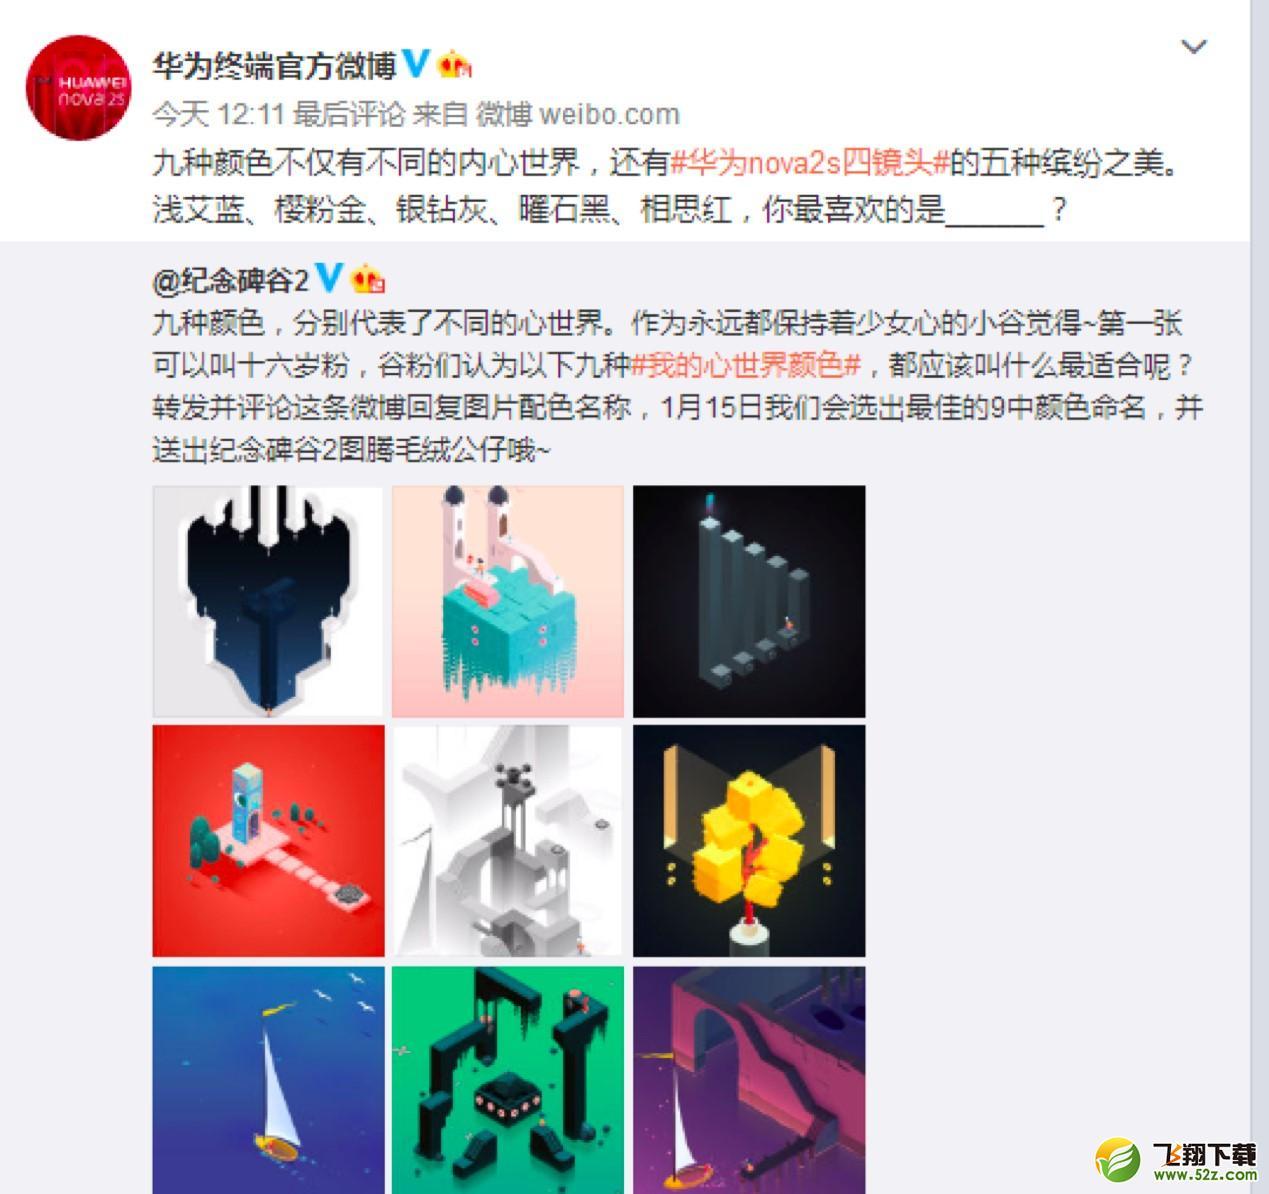 纪念碑谷2联手华为Nova2s,掀起2018最美跨界营销V2